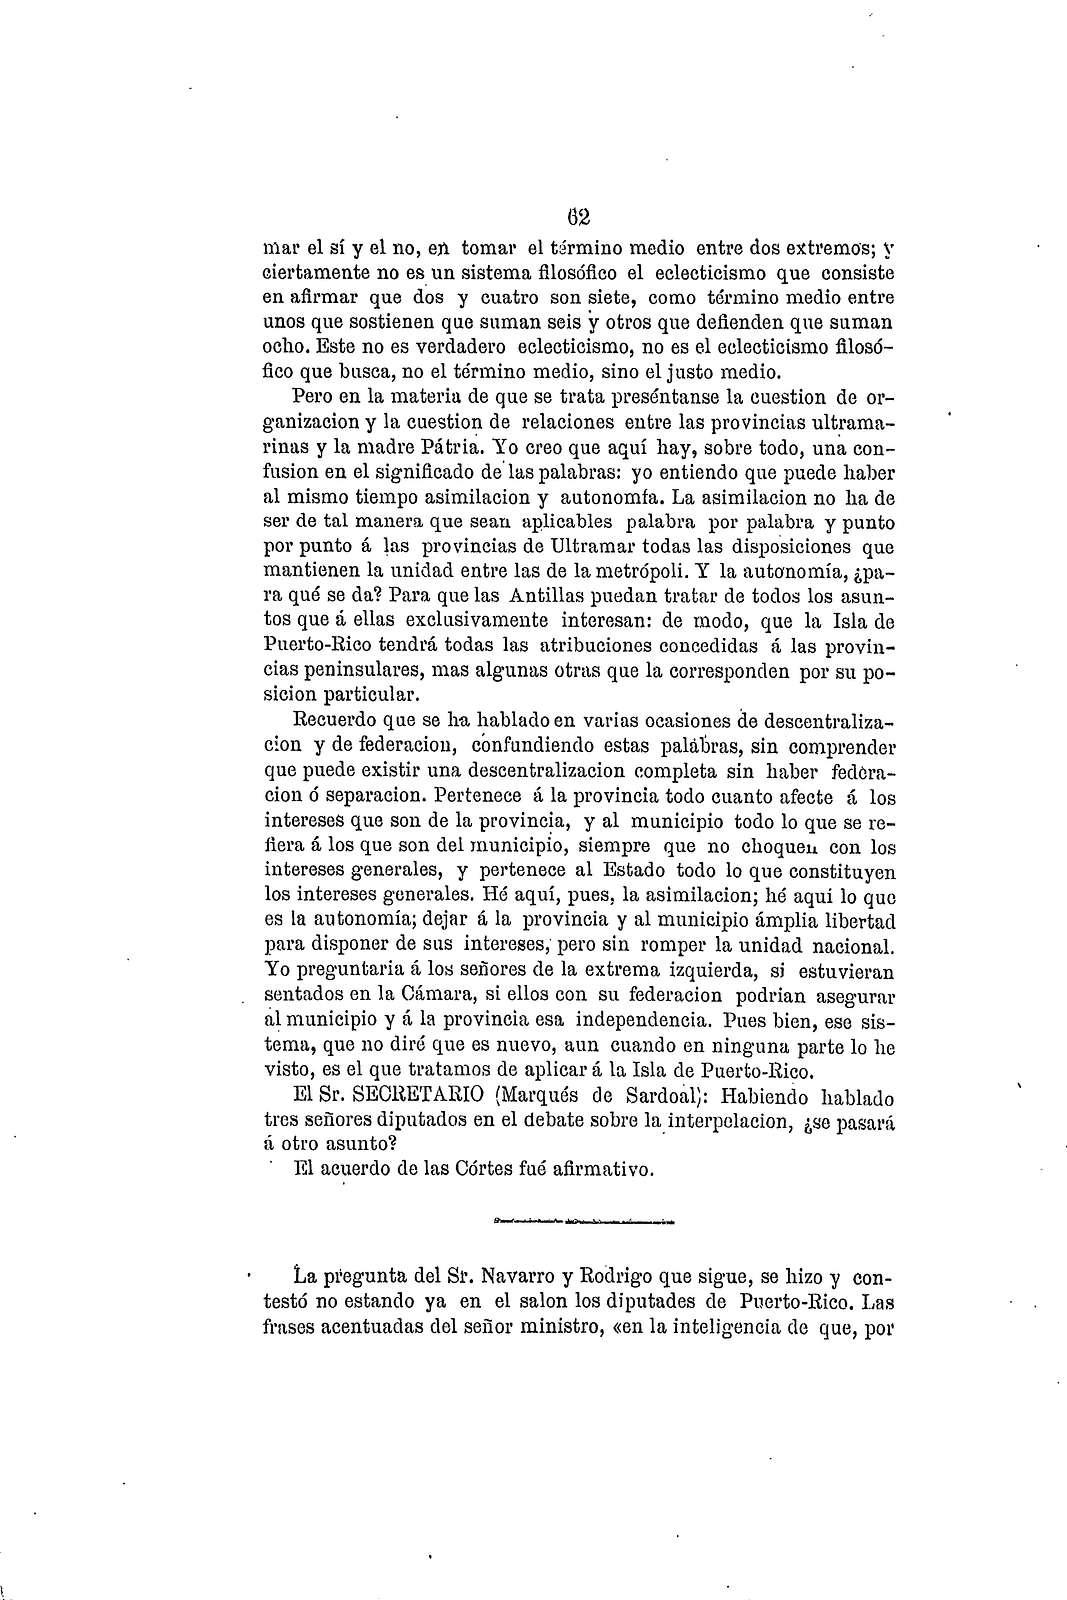 Interpelación del diputado don Luis Padial y sus consecuencias